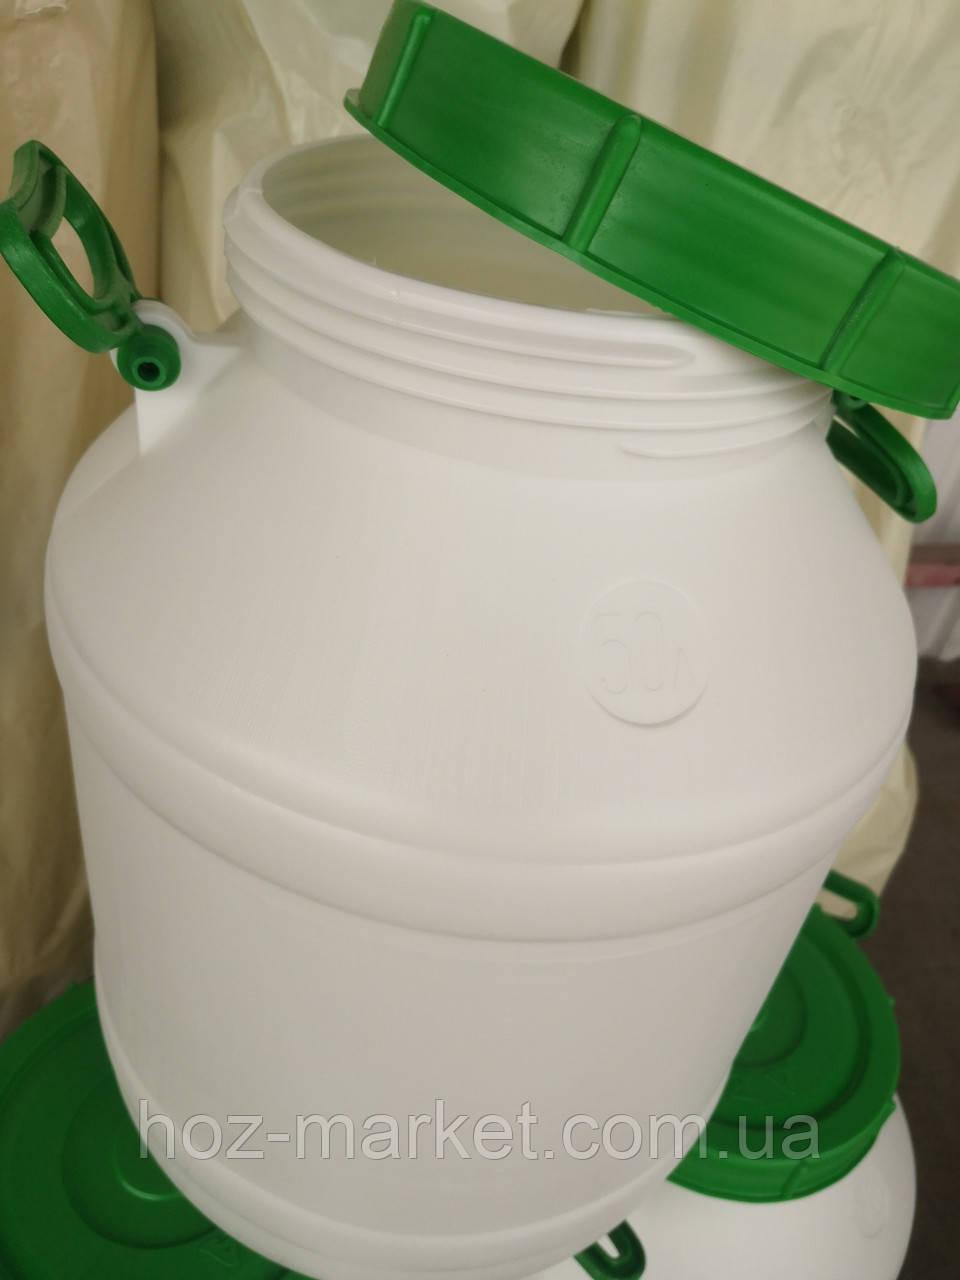 Бочка пищевая(харчова) пластмассовая для питьевой воды 50л